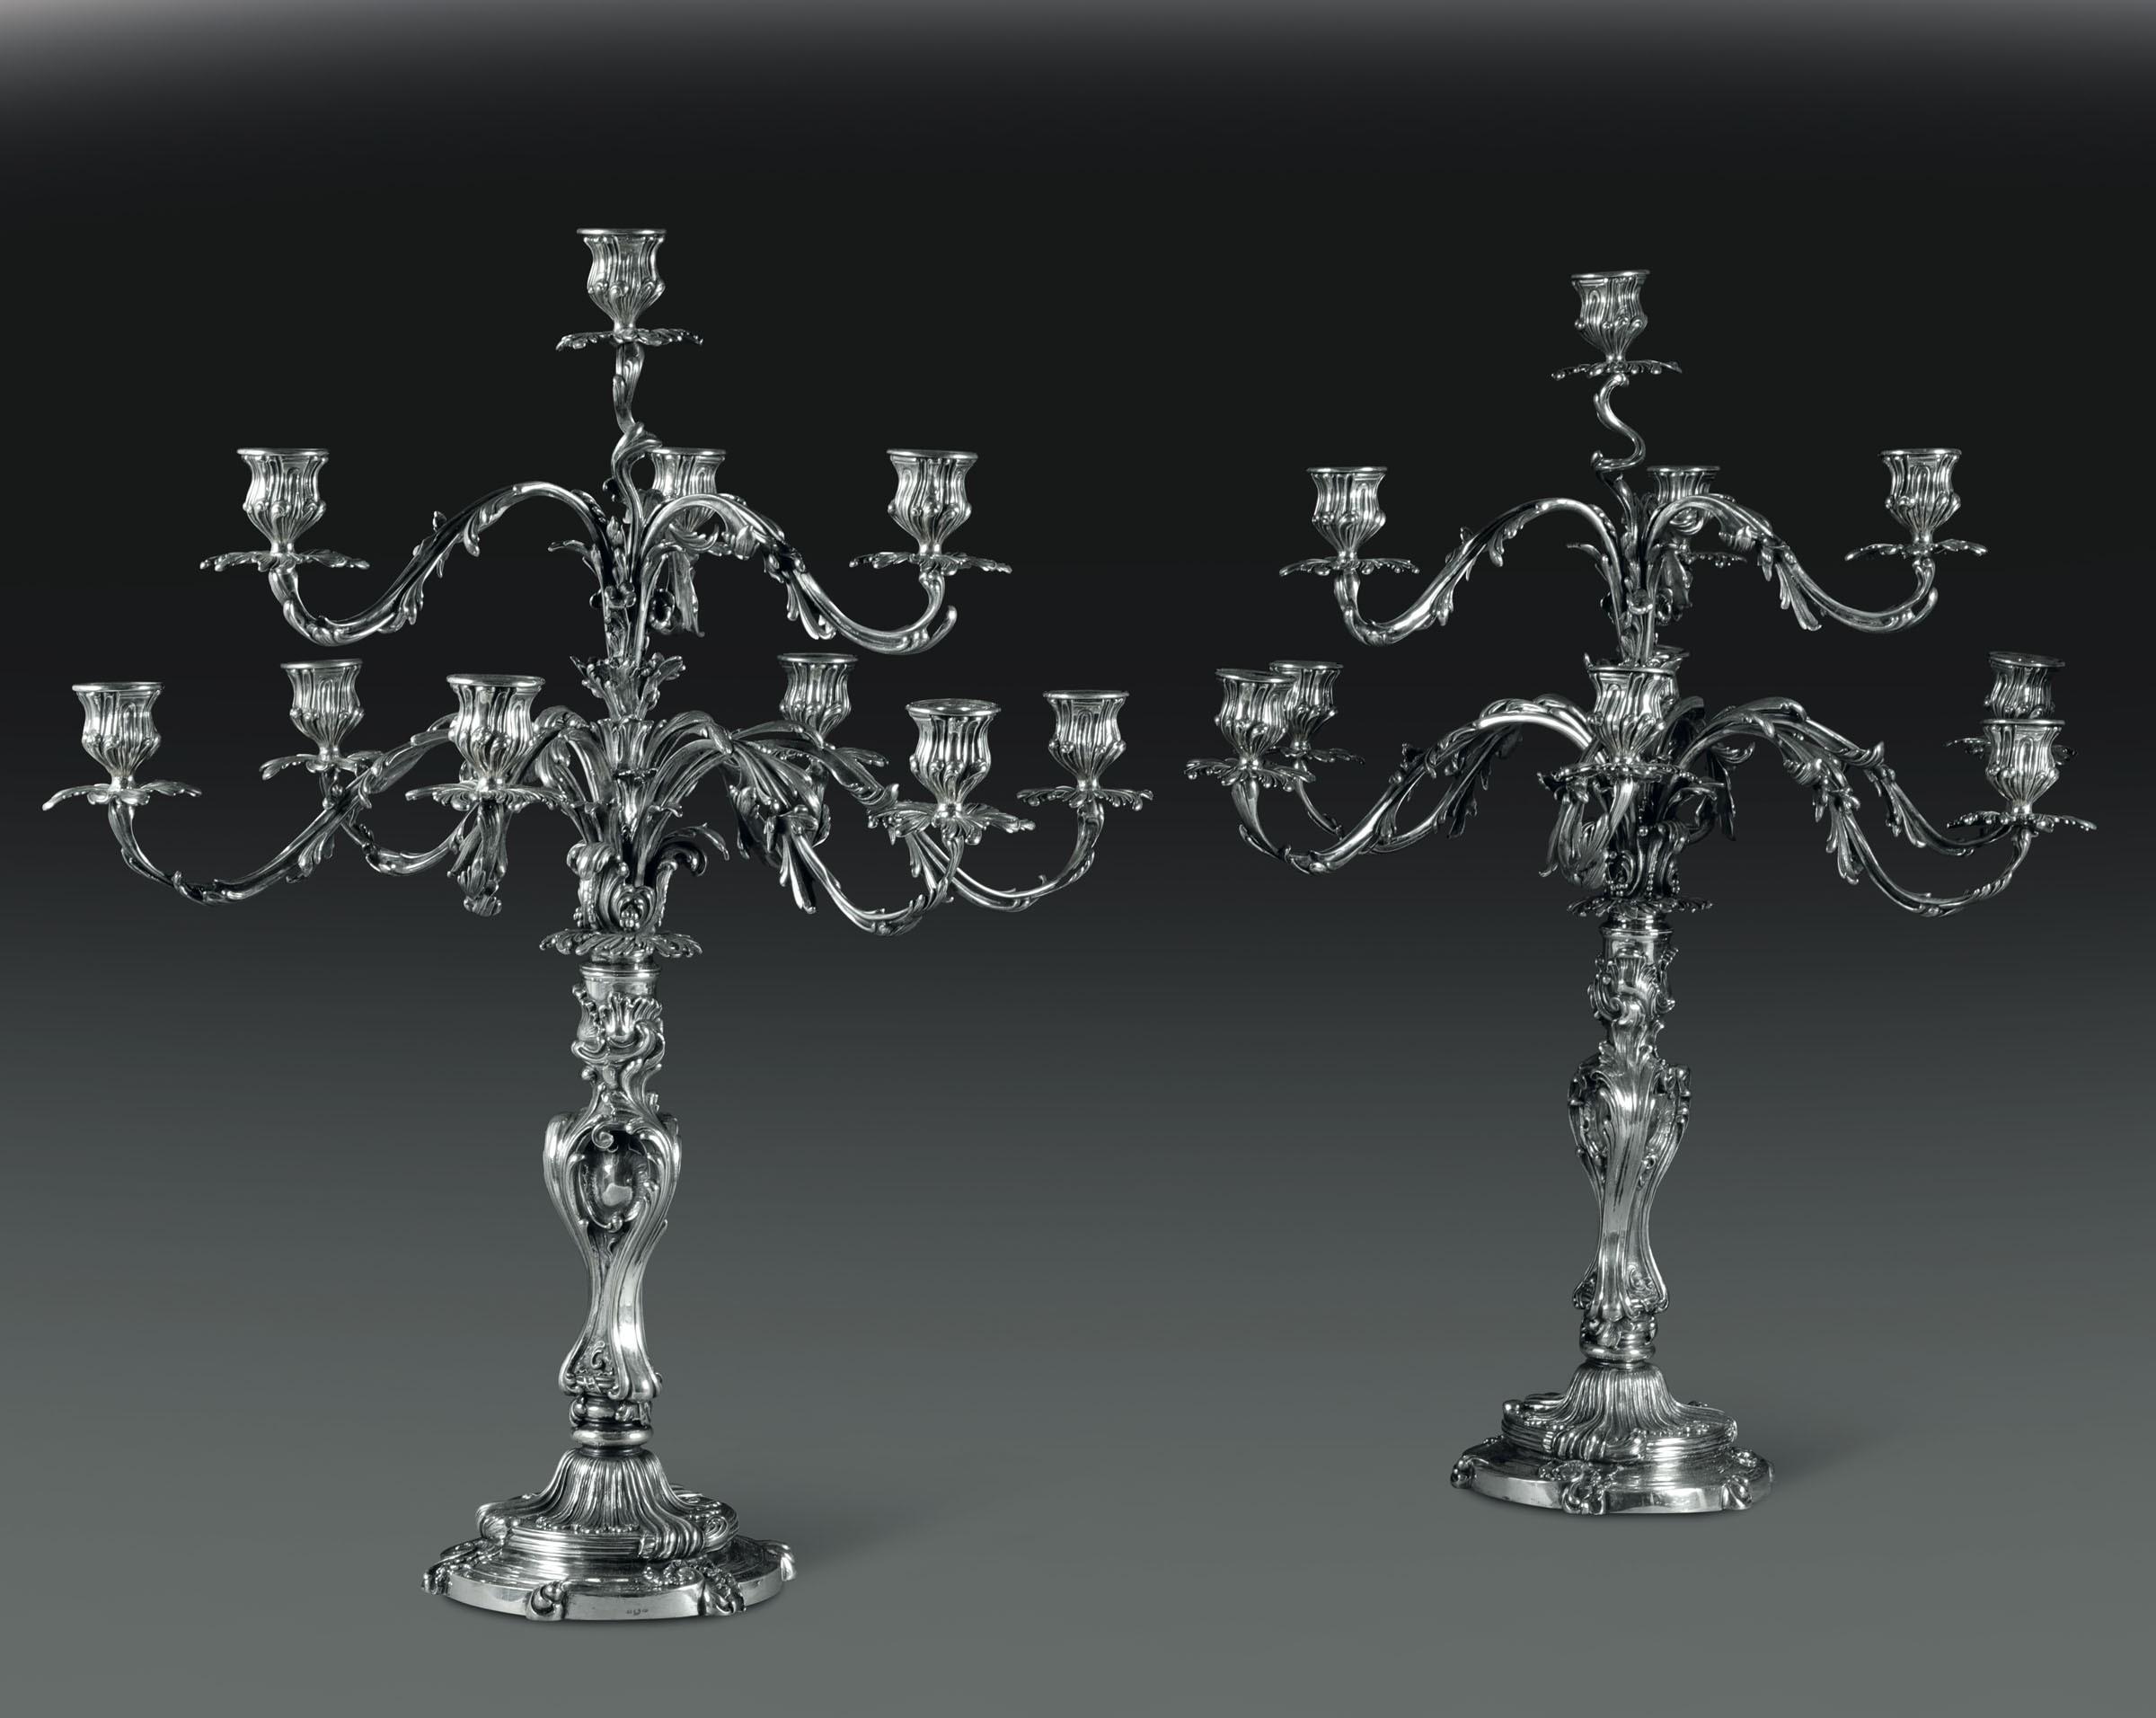 Lot 53 - Monumentale coppia di candelabri in argento a 10 luci. Argenteria artistica italiana. [...]